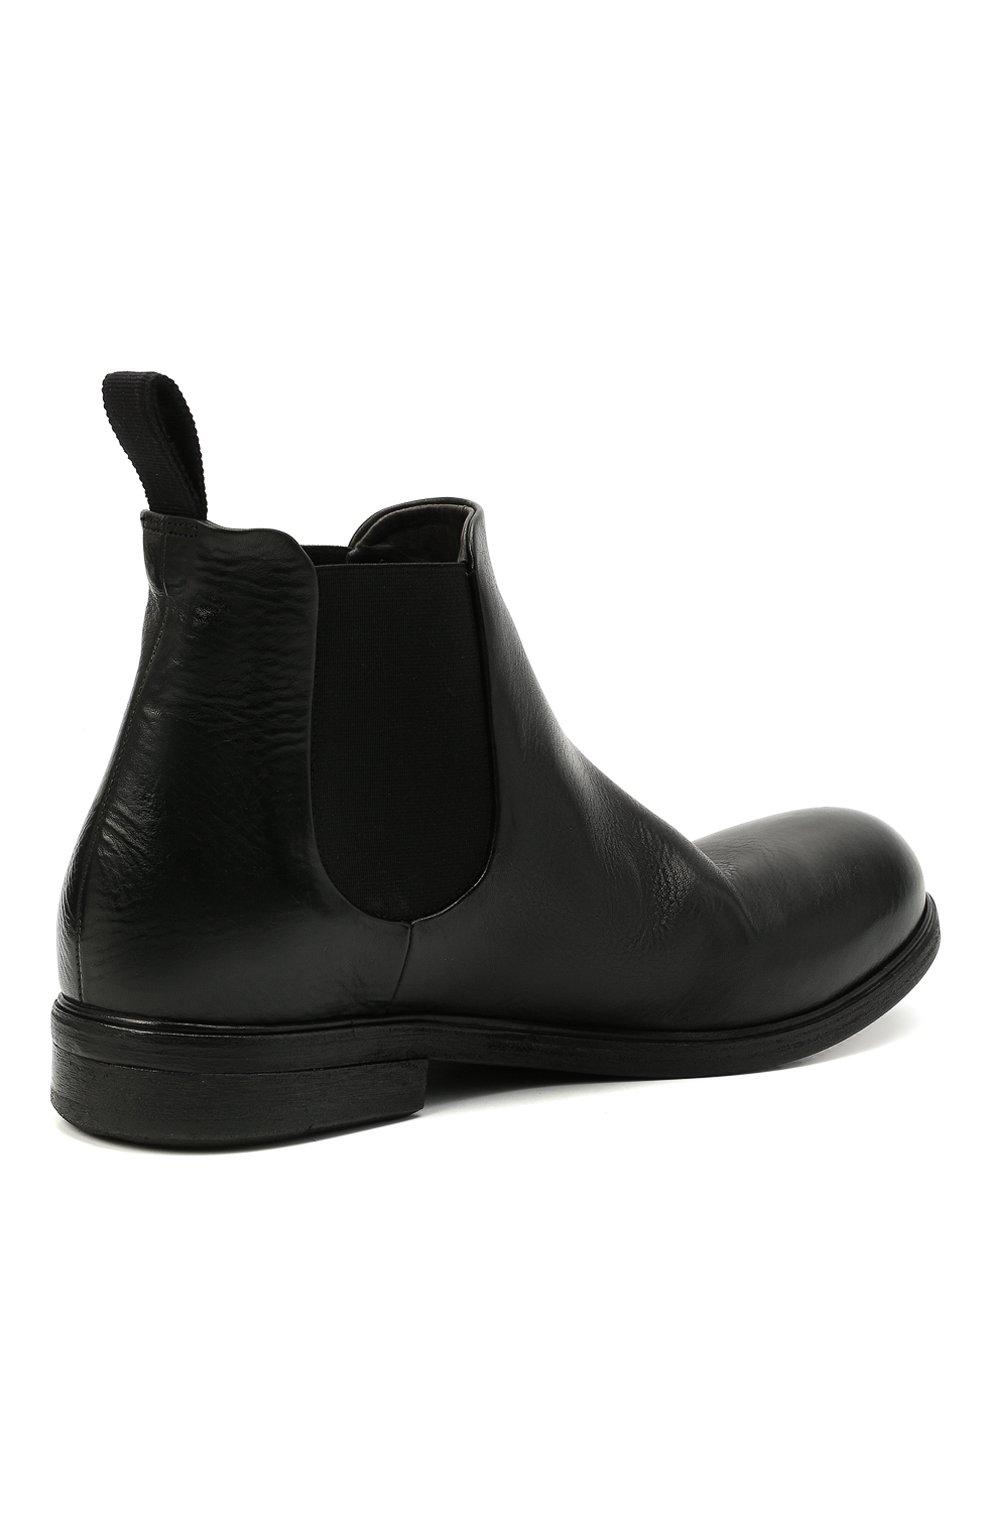 Мужские кожаные челси MARSELL черного цвета, арт. MM2440/PELLE V0L0NATA   Фото 4 (Материал внутренний: Натуральная кожа; Подошва: Плоская; Мужское Кросс-КТ: Сапоги-обувь, Челси-обувь)